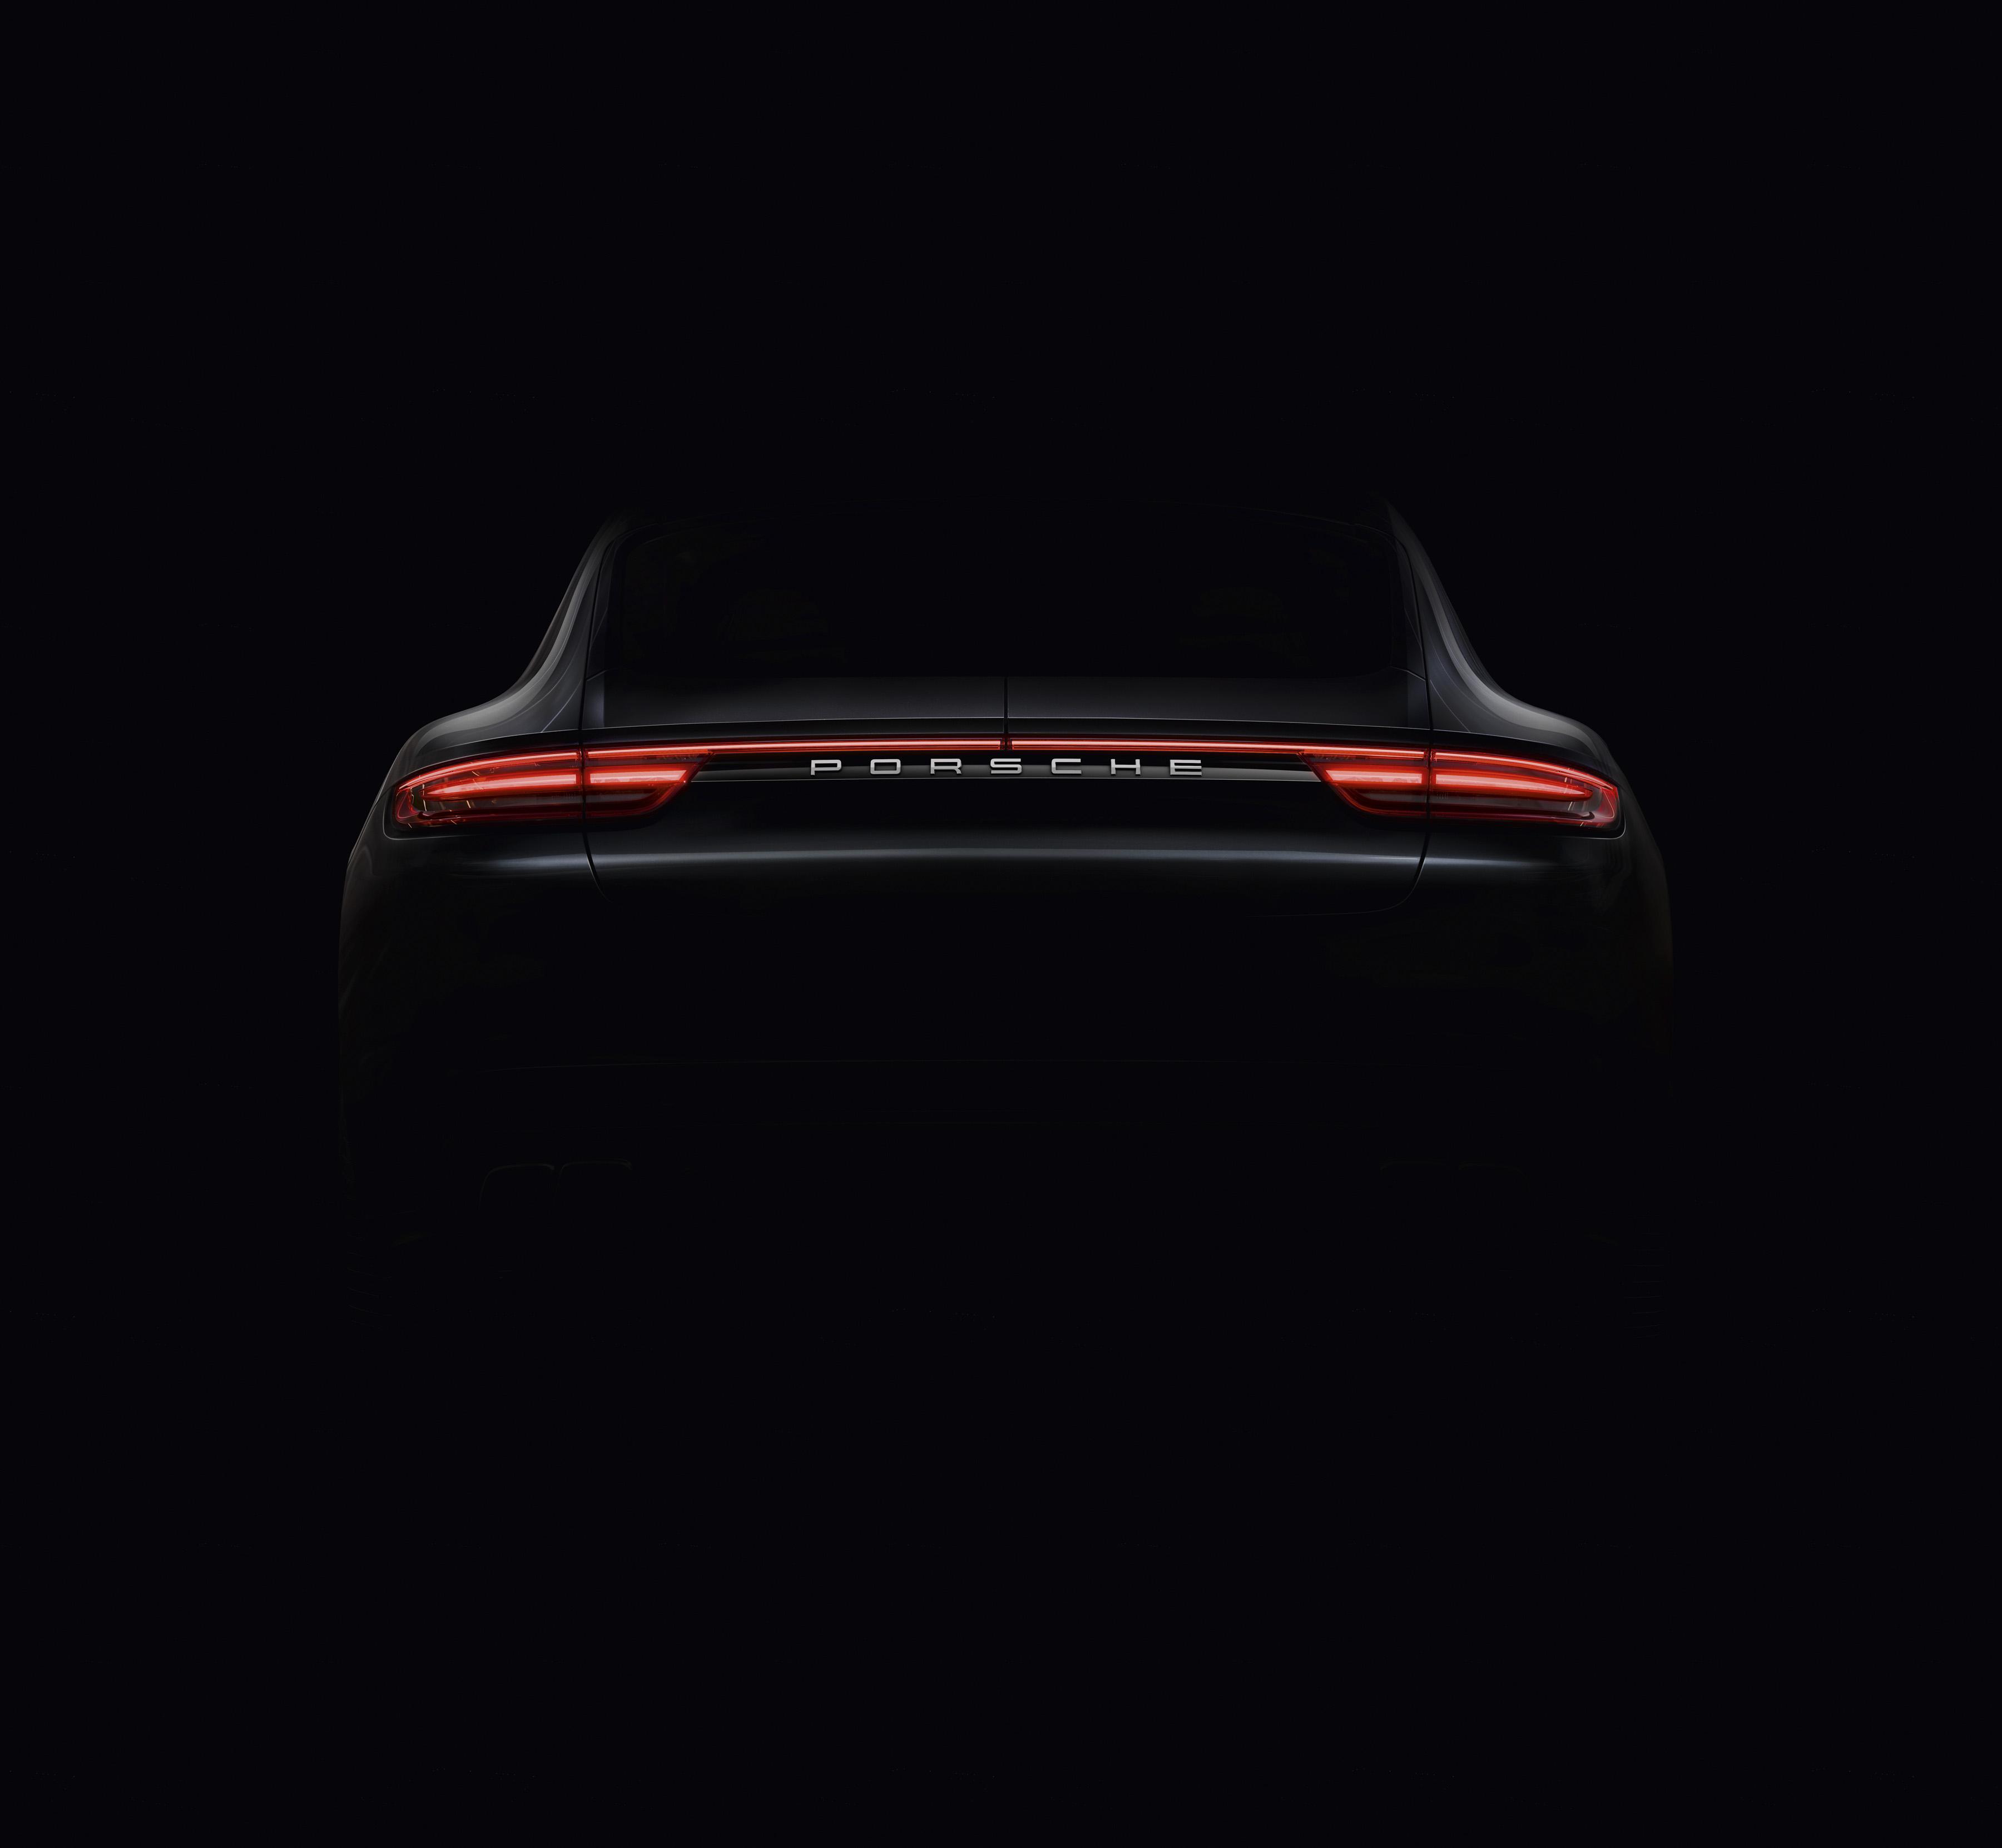 Fondos De Pantalla : Vehículo, Porsche, Show De Net